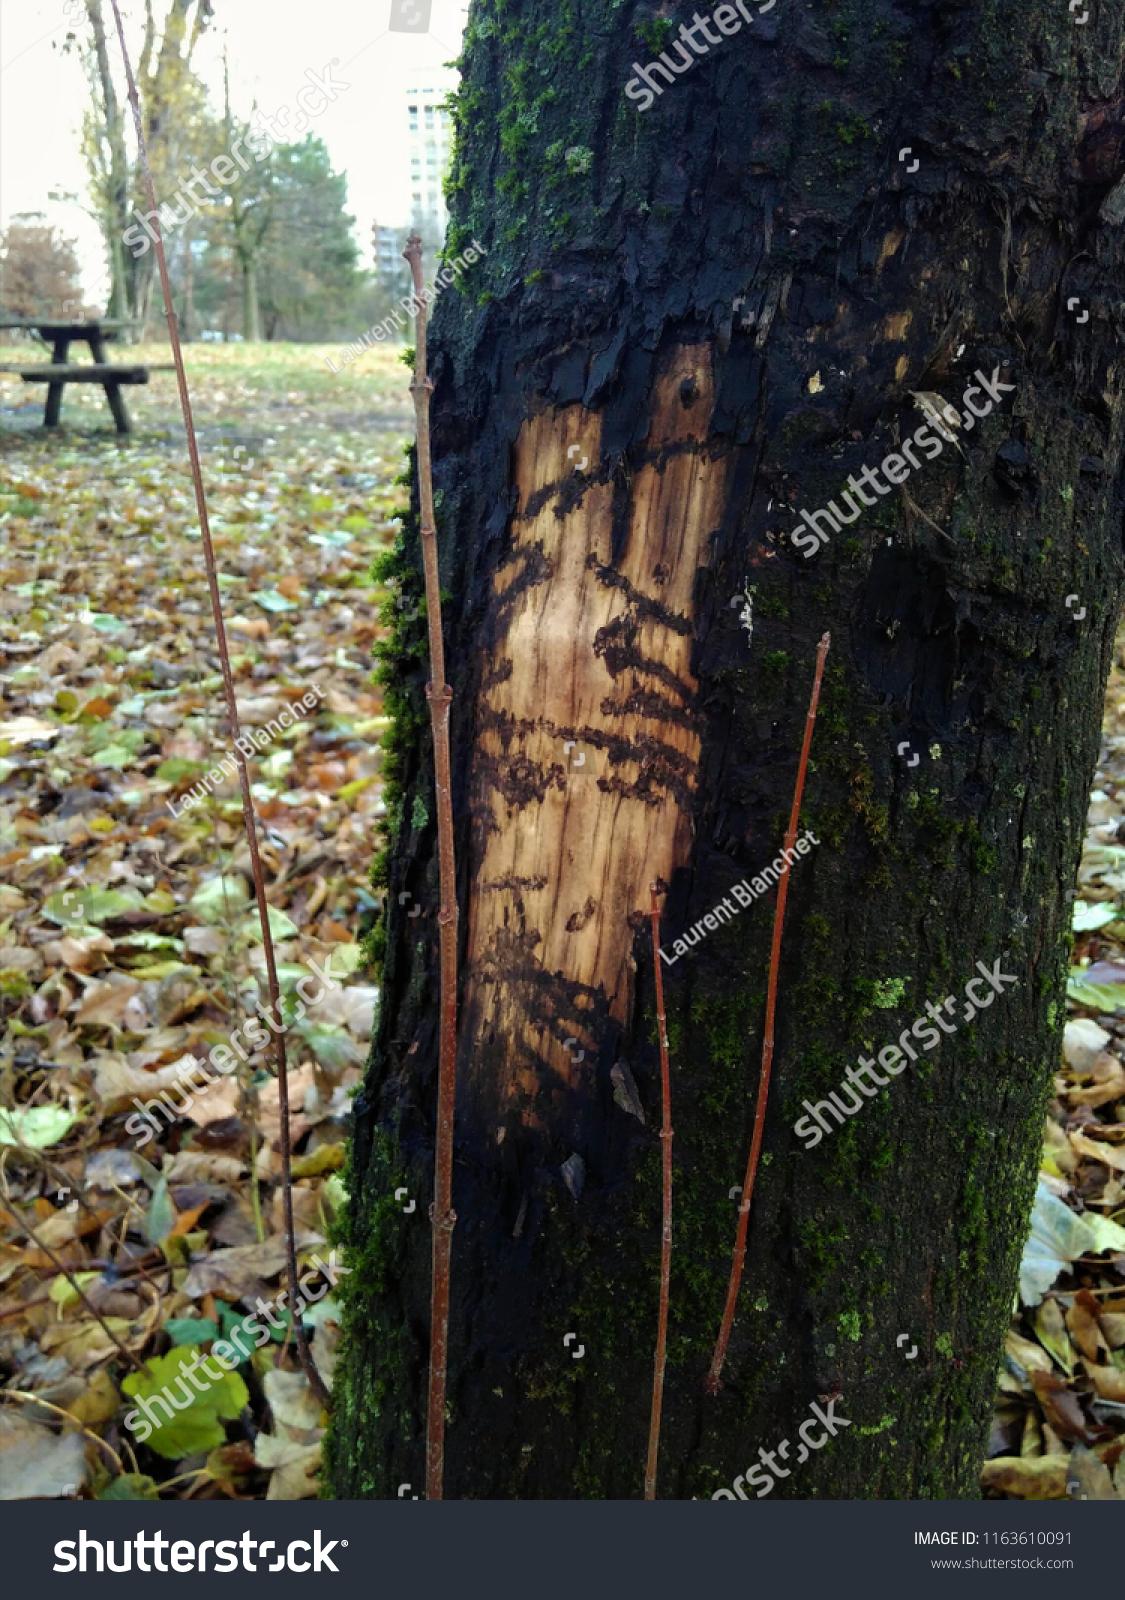 skoger dating steder)